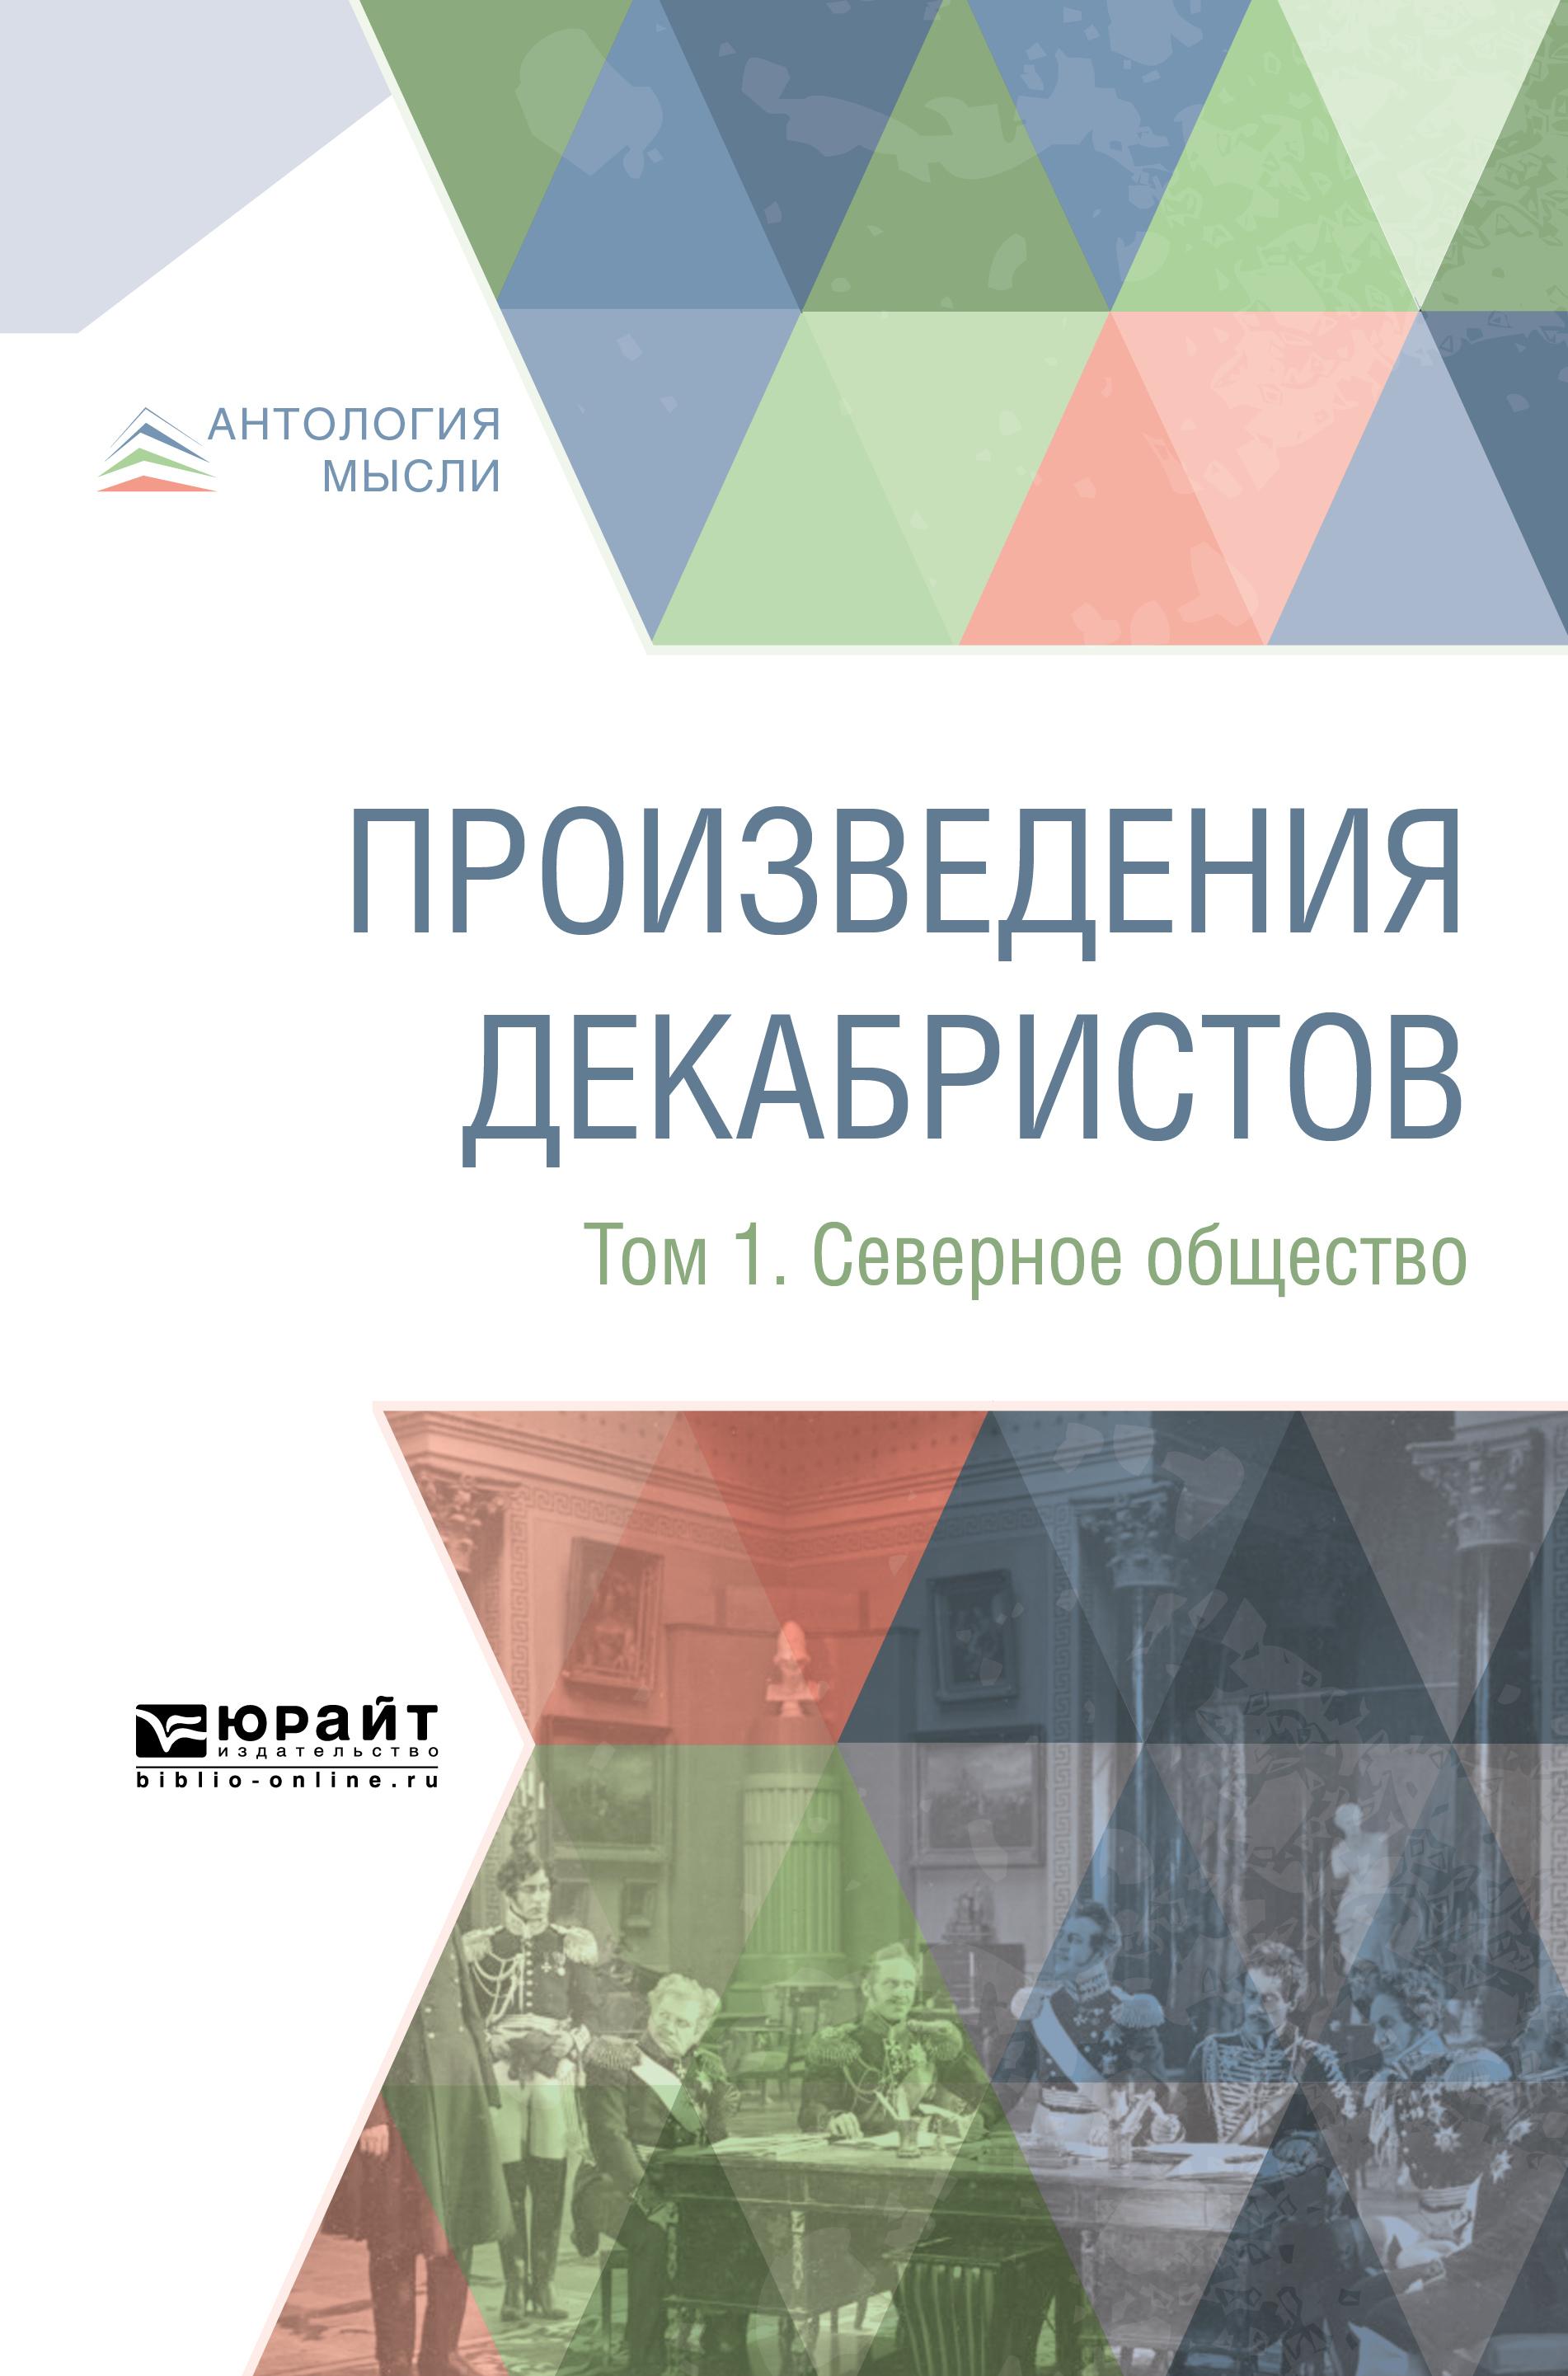 Купить книгу Произведения декабристов в 3 т. Том 1. Северное общество, автора авторова Коллектив